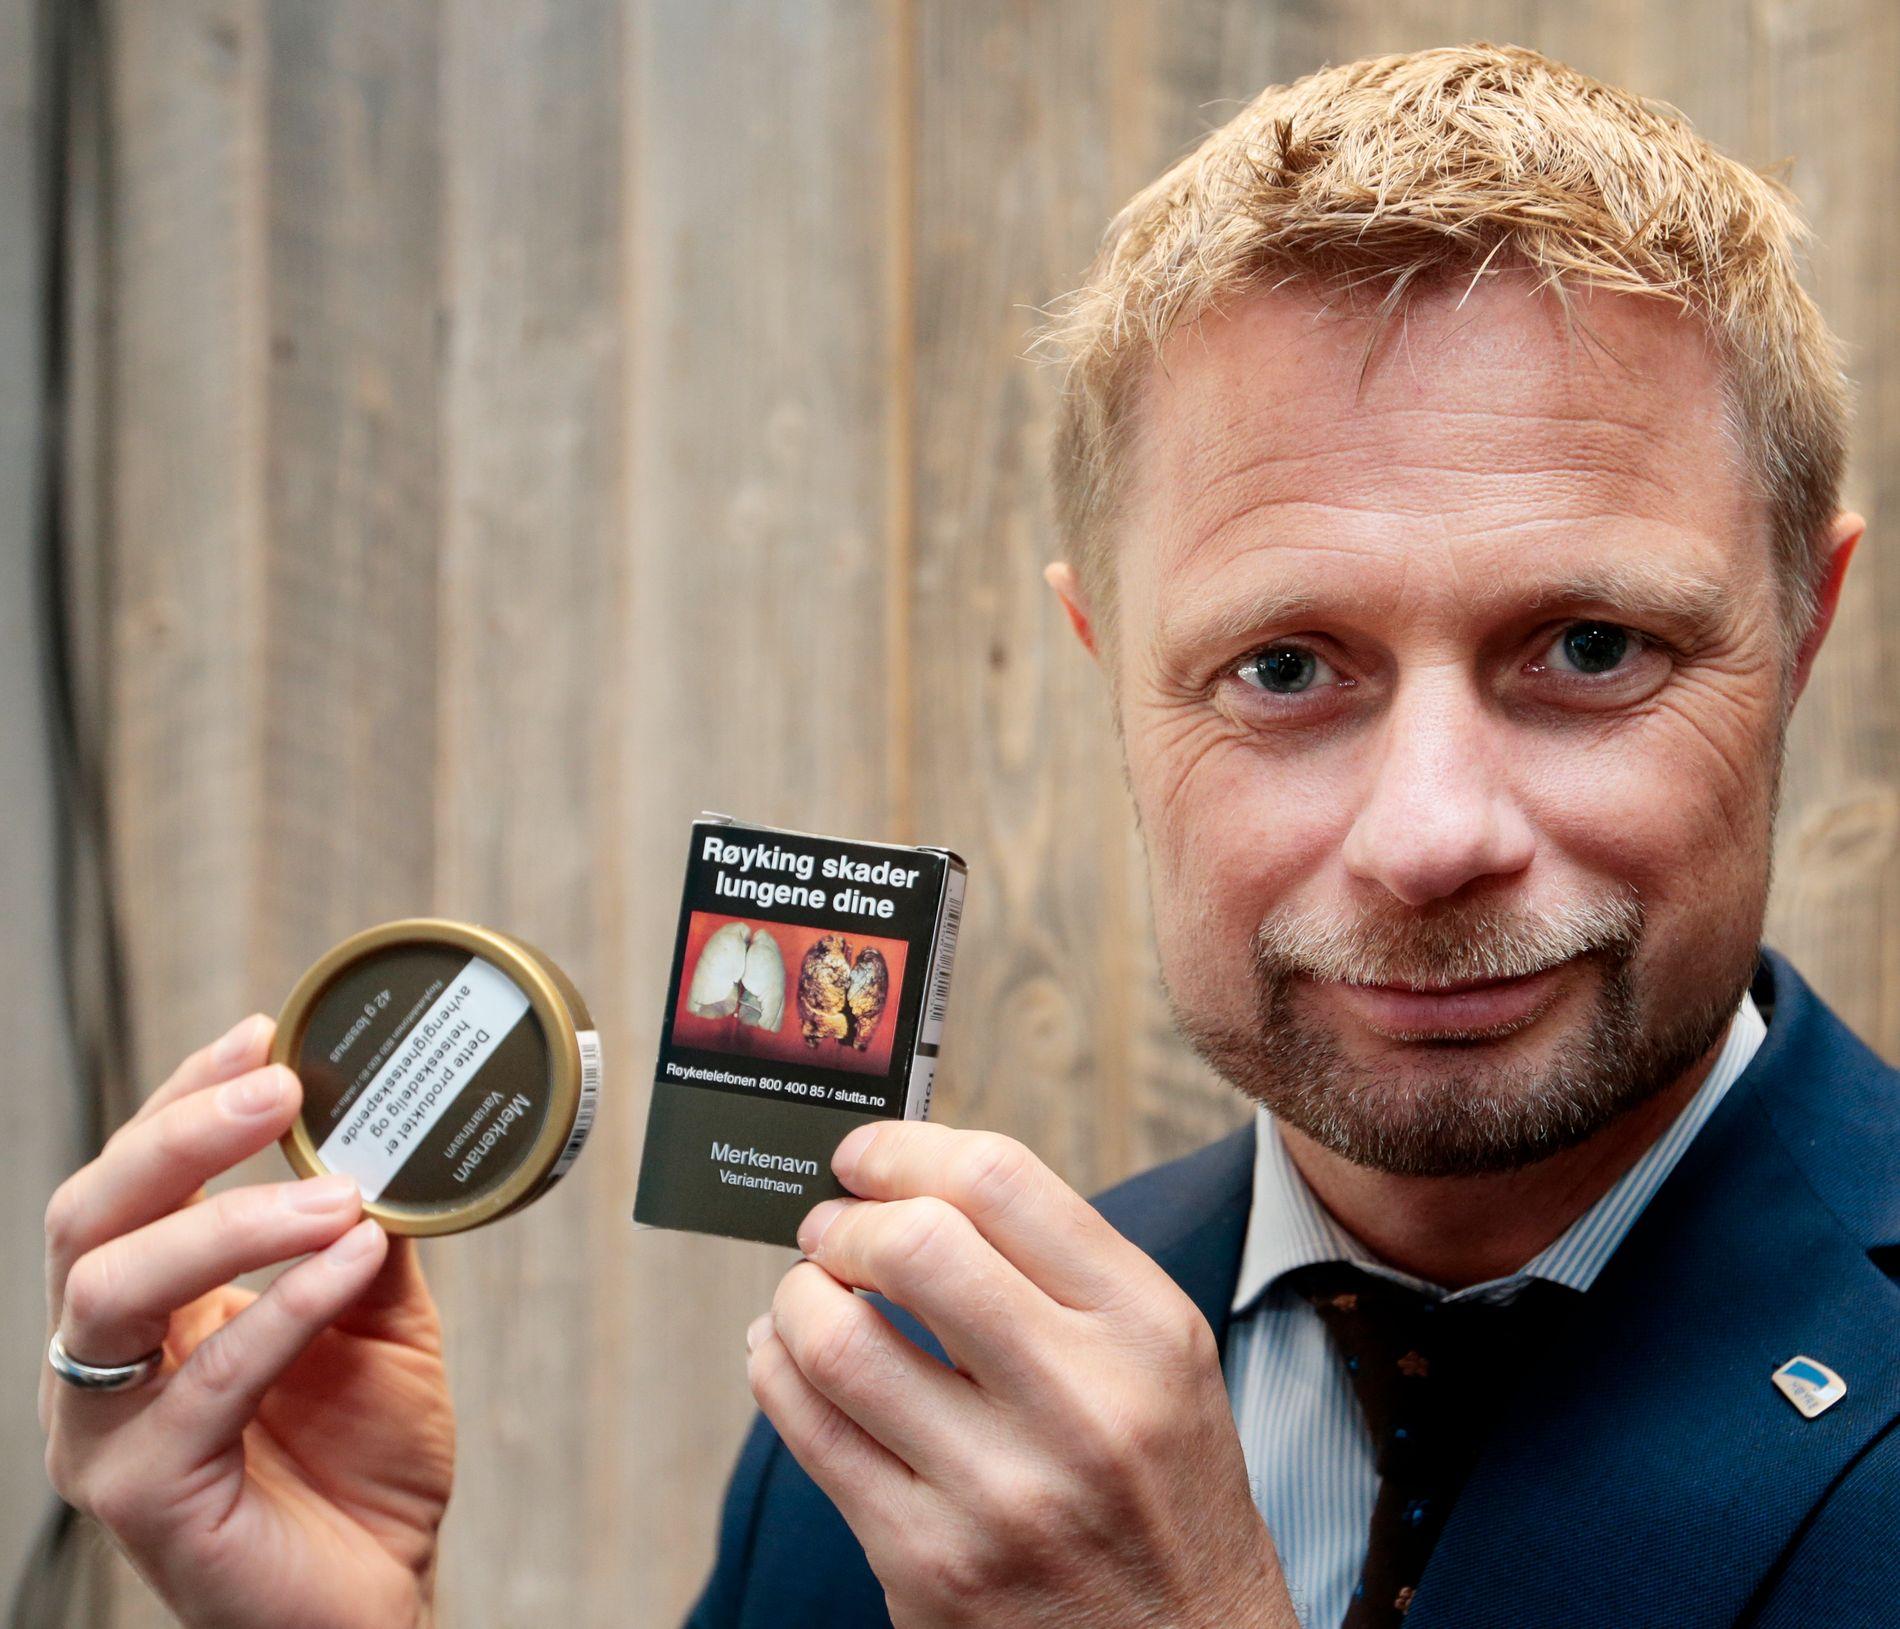 NYTT UTSEENDE: Helseminister Bent Høie (H) viser hvordan røykpakker og snusesker vil se ut i framtiden: Standardisert utseende uten informasjon om smak, styrke, produksjonsdato osv.